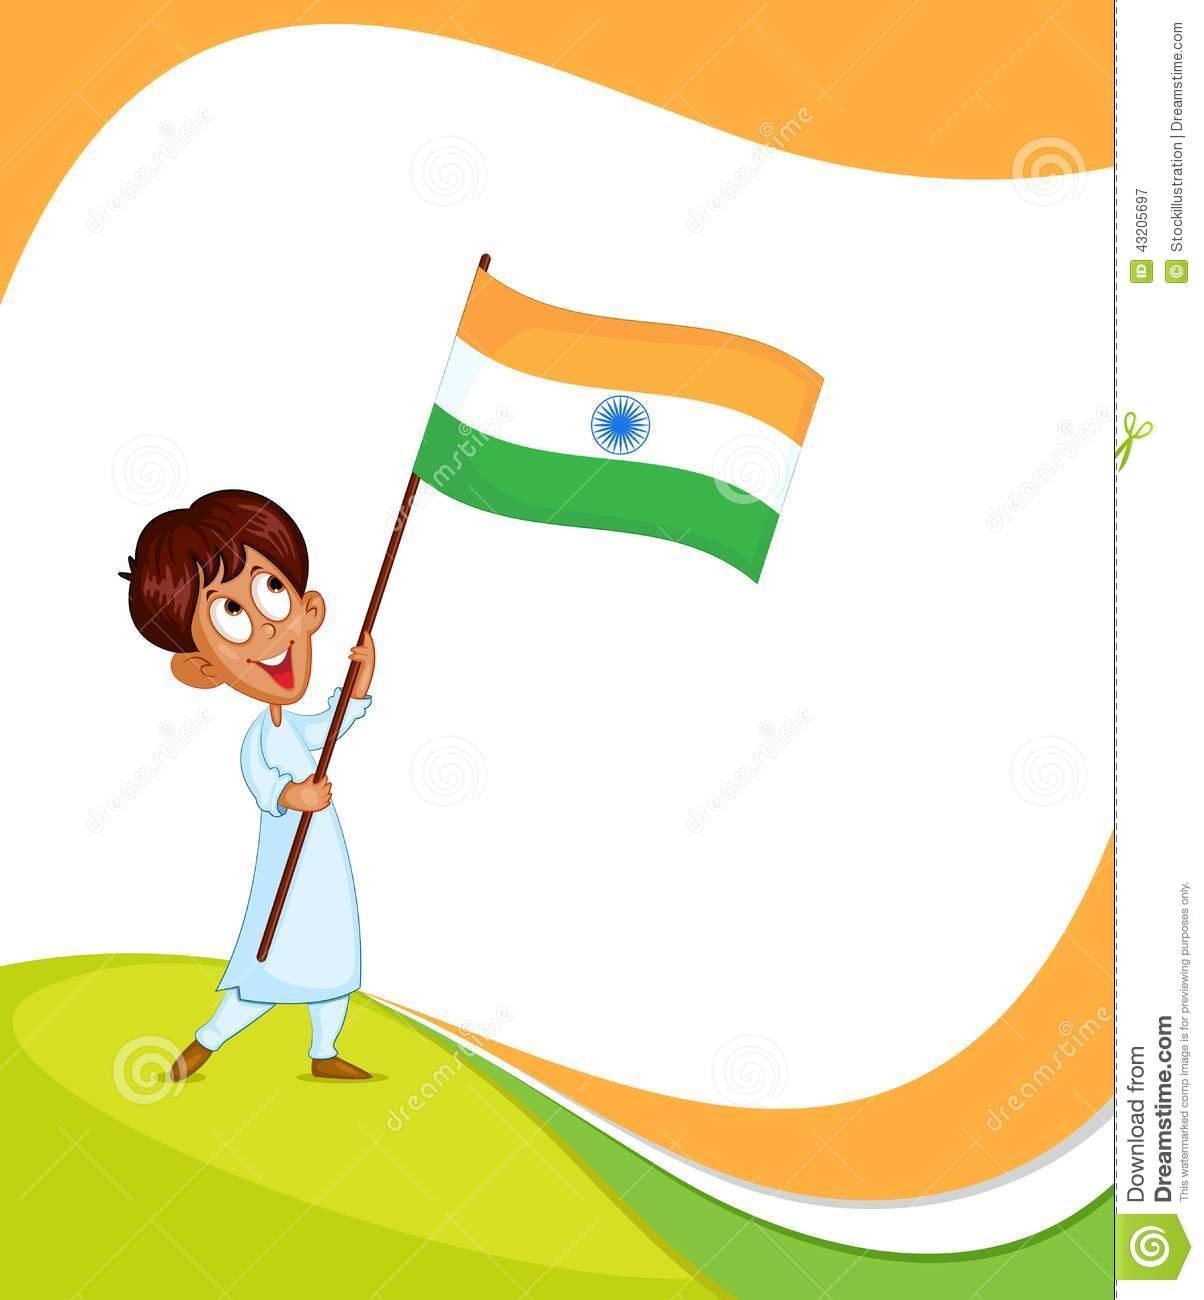 Indian Boy Hoisting Flag Of - Flag Hoisting PNG